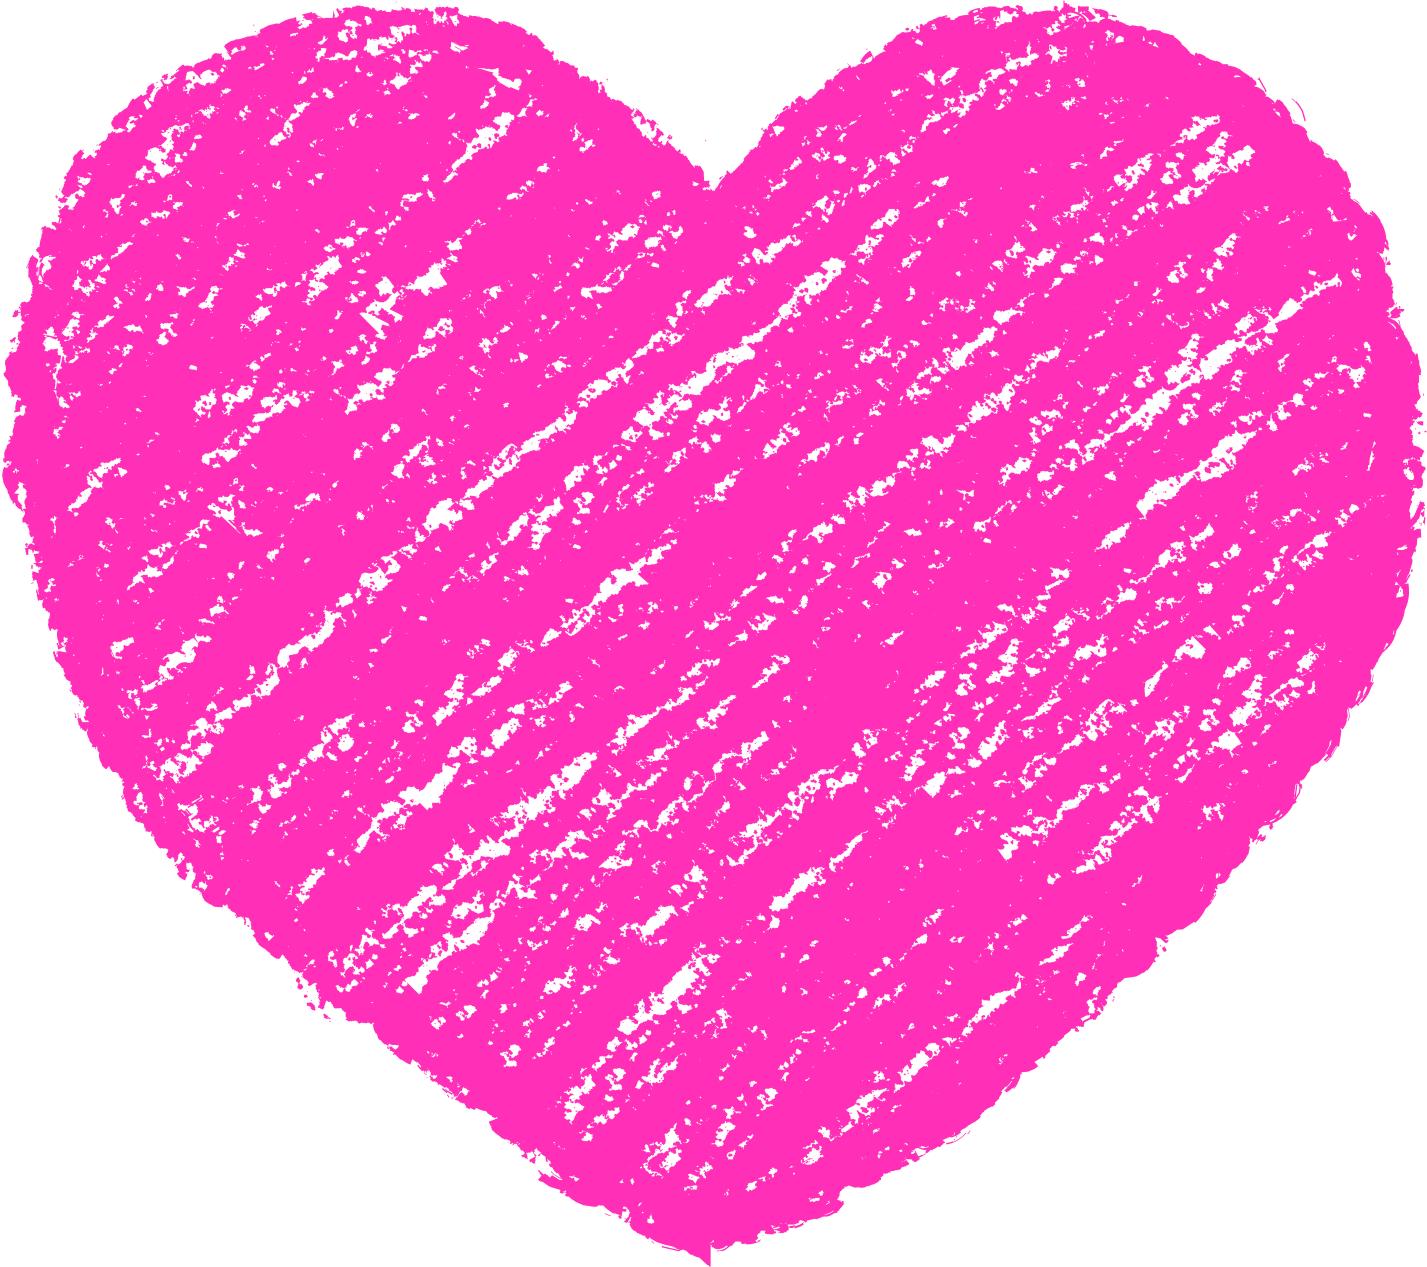 クレヨン塗り背景 桃色 新(ピンク)ハートのイラスト heart_pink